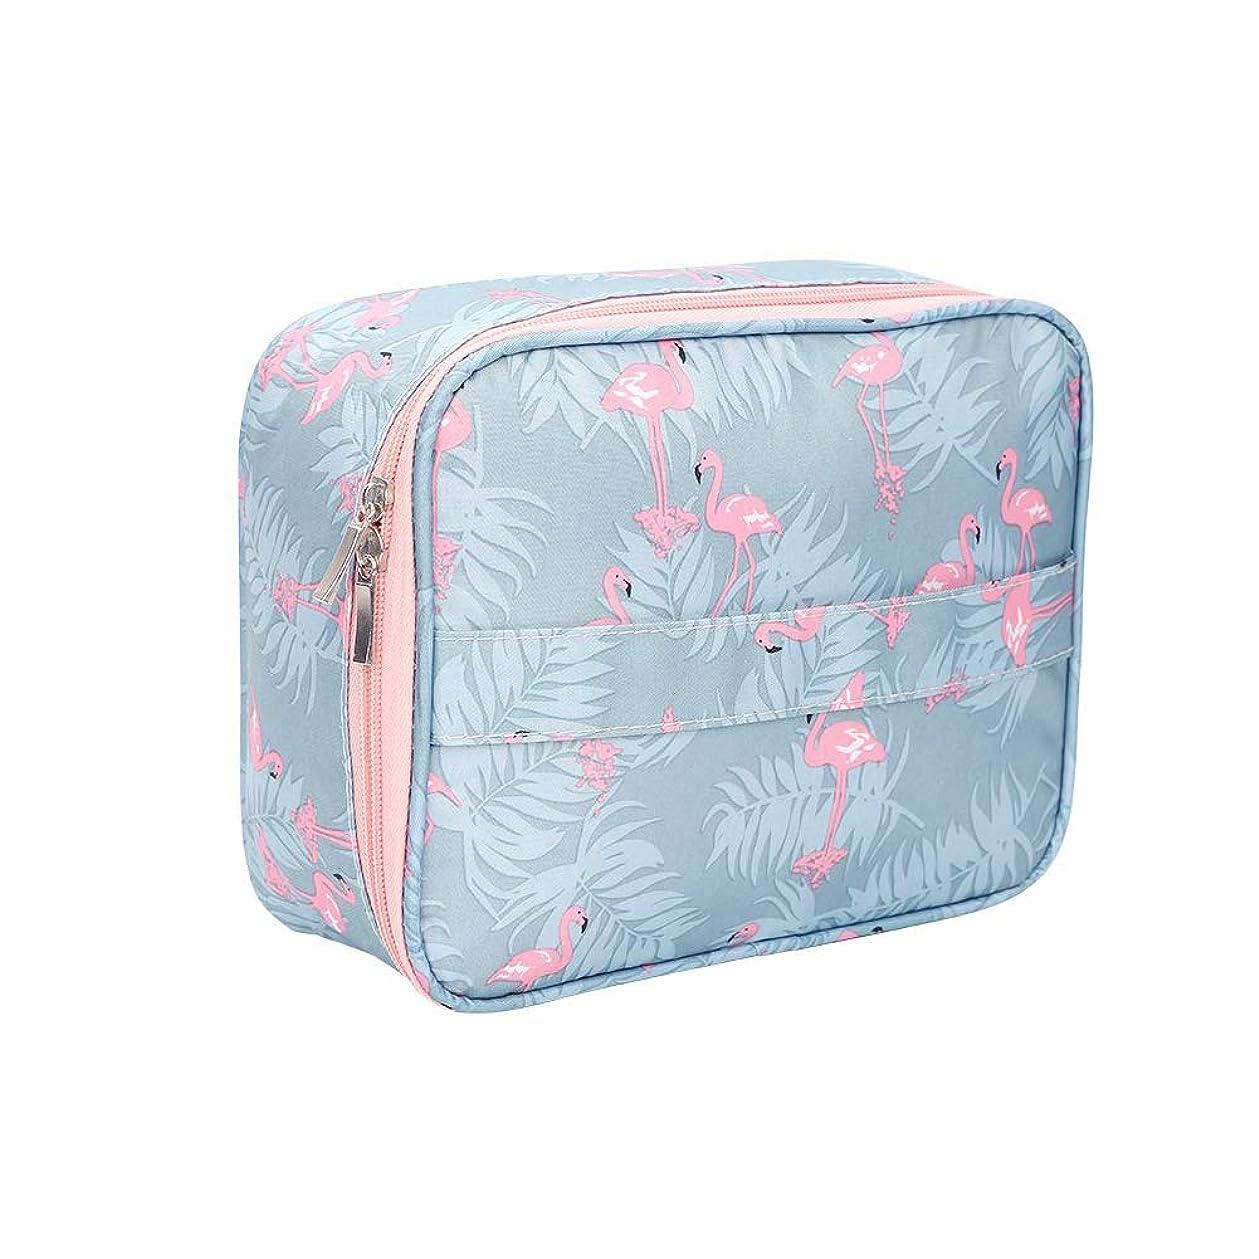 留まる良性ほとんどの場合ピンク メイクボックス プロ用 メイクケース 高品質 コスメ収納スタンド 大容量 コスメケース 旅行用 収納ケース 化粧 收納抜群 メイクブラシバッグ